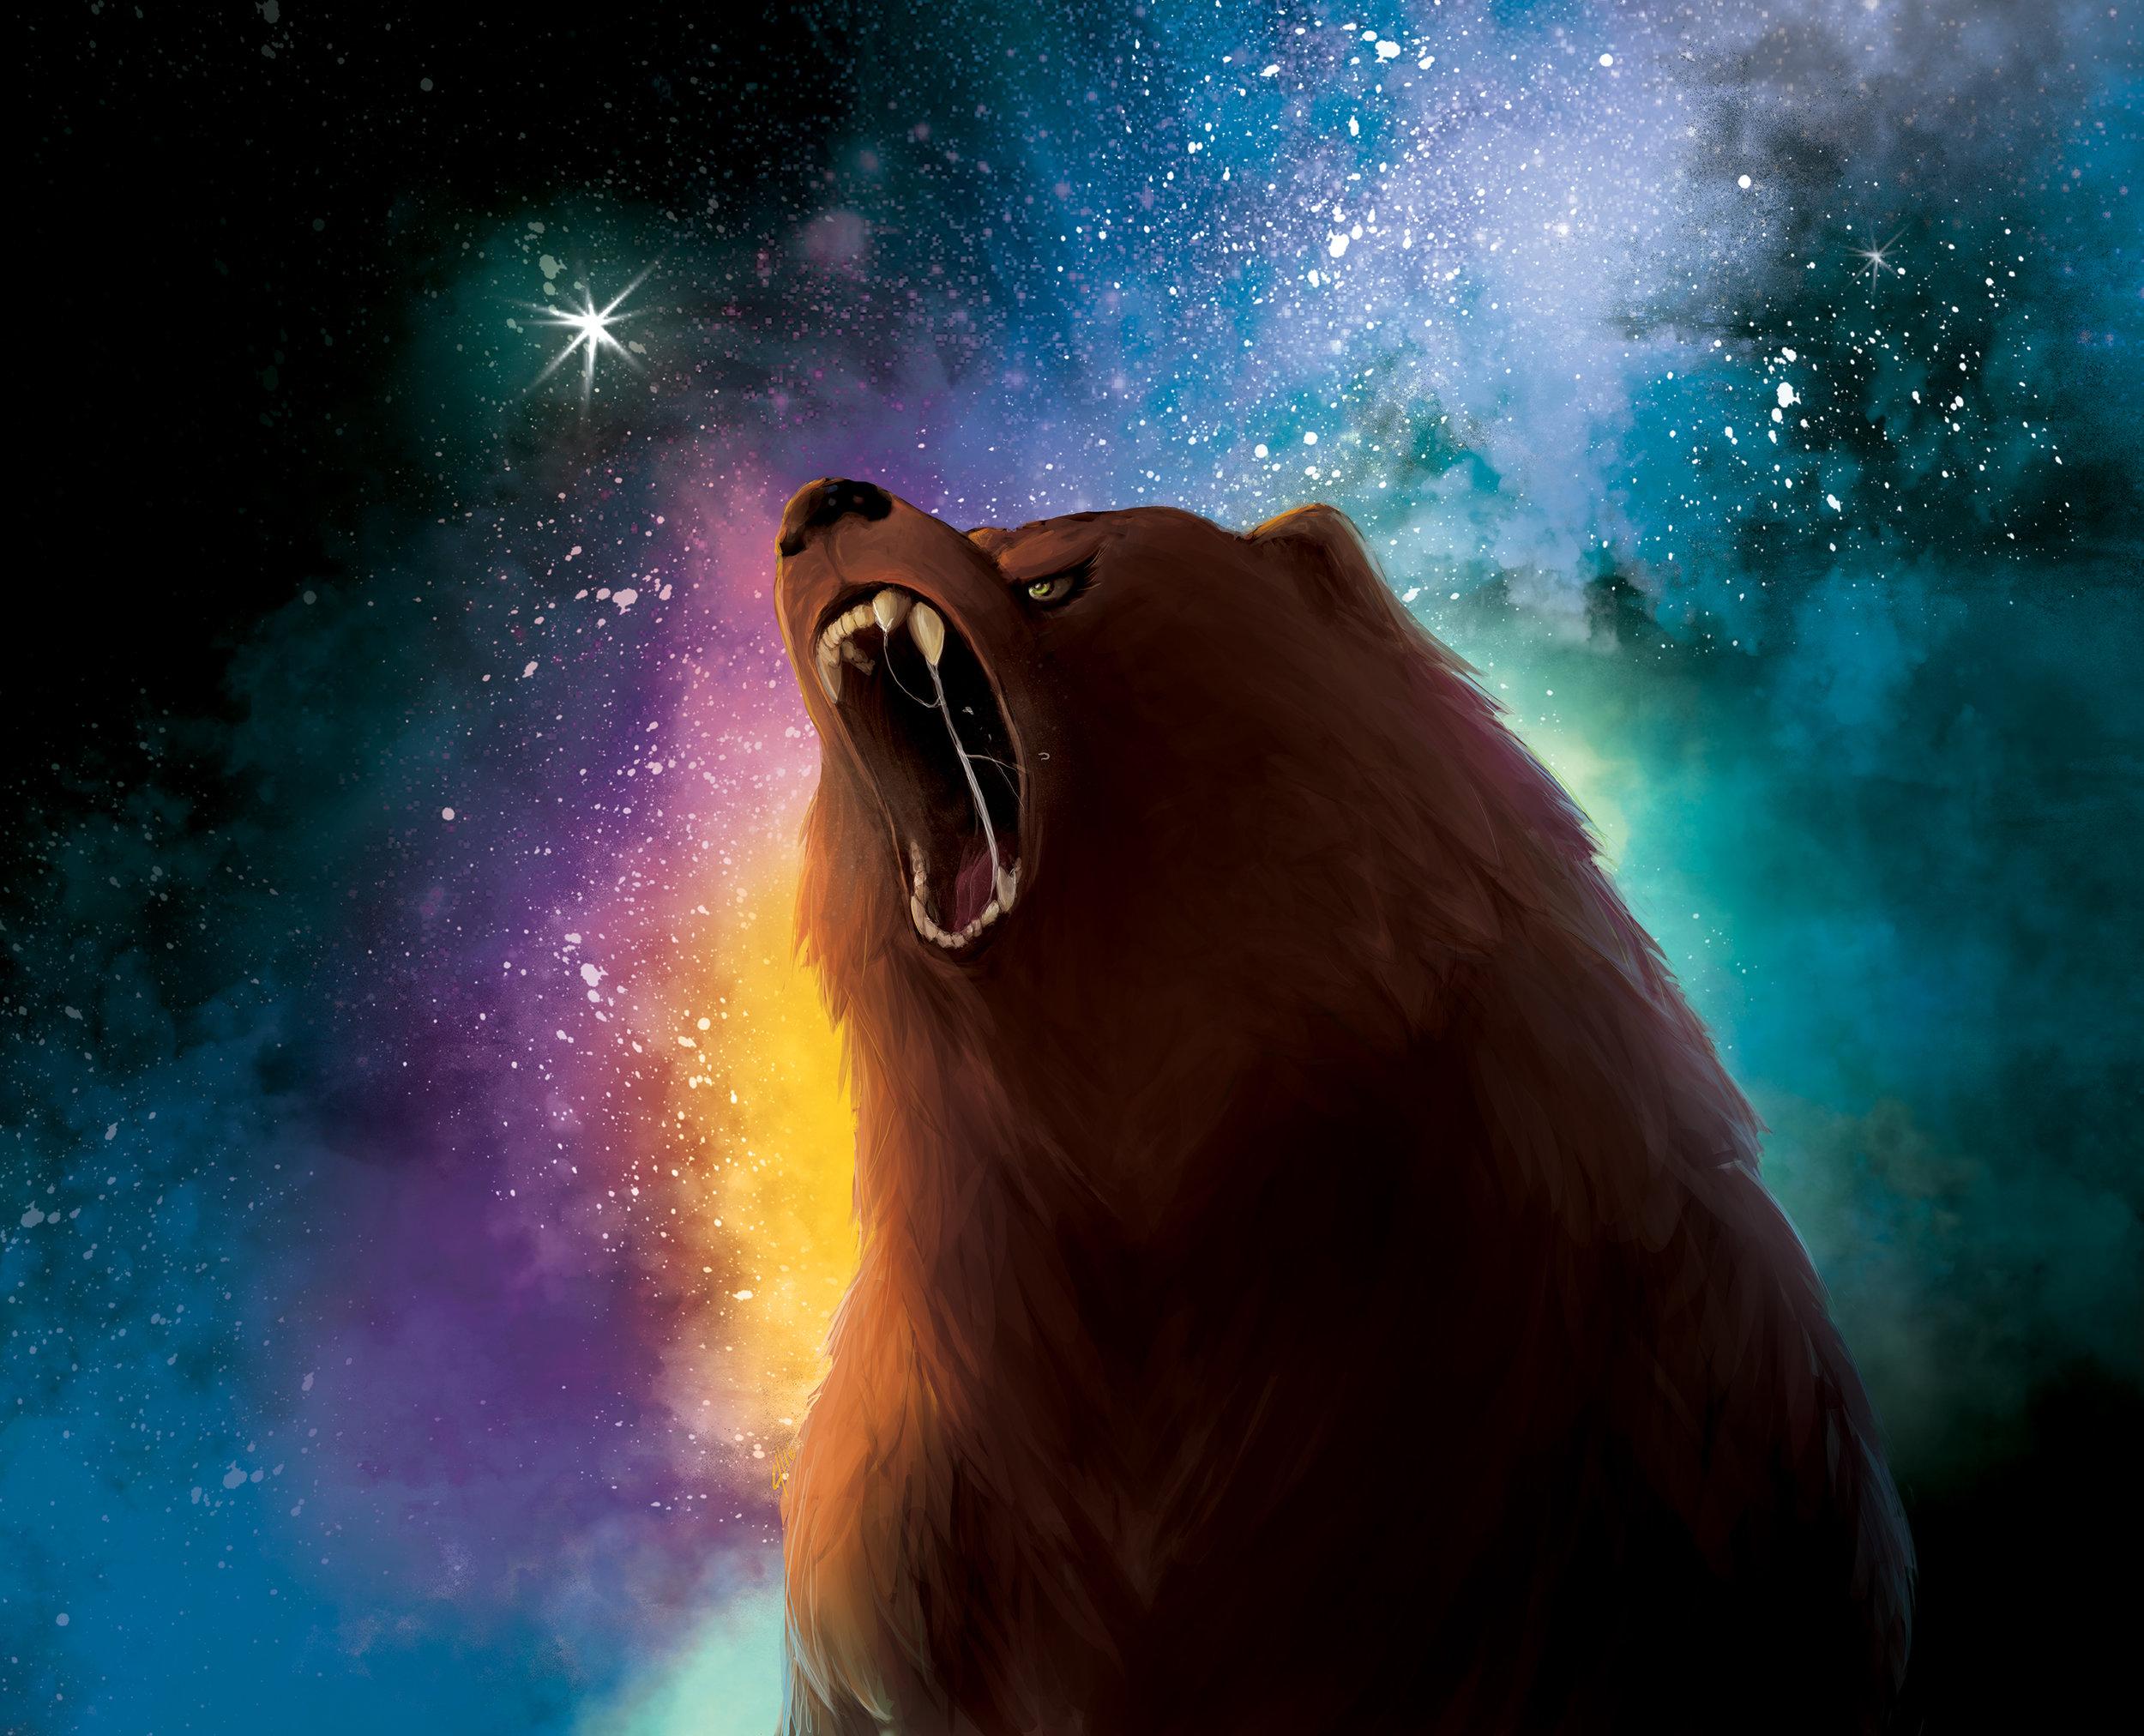 fullres-bear-PG-FRONT.jpg